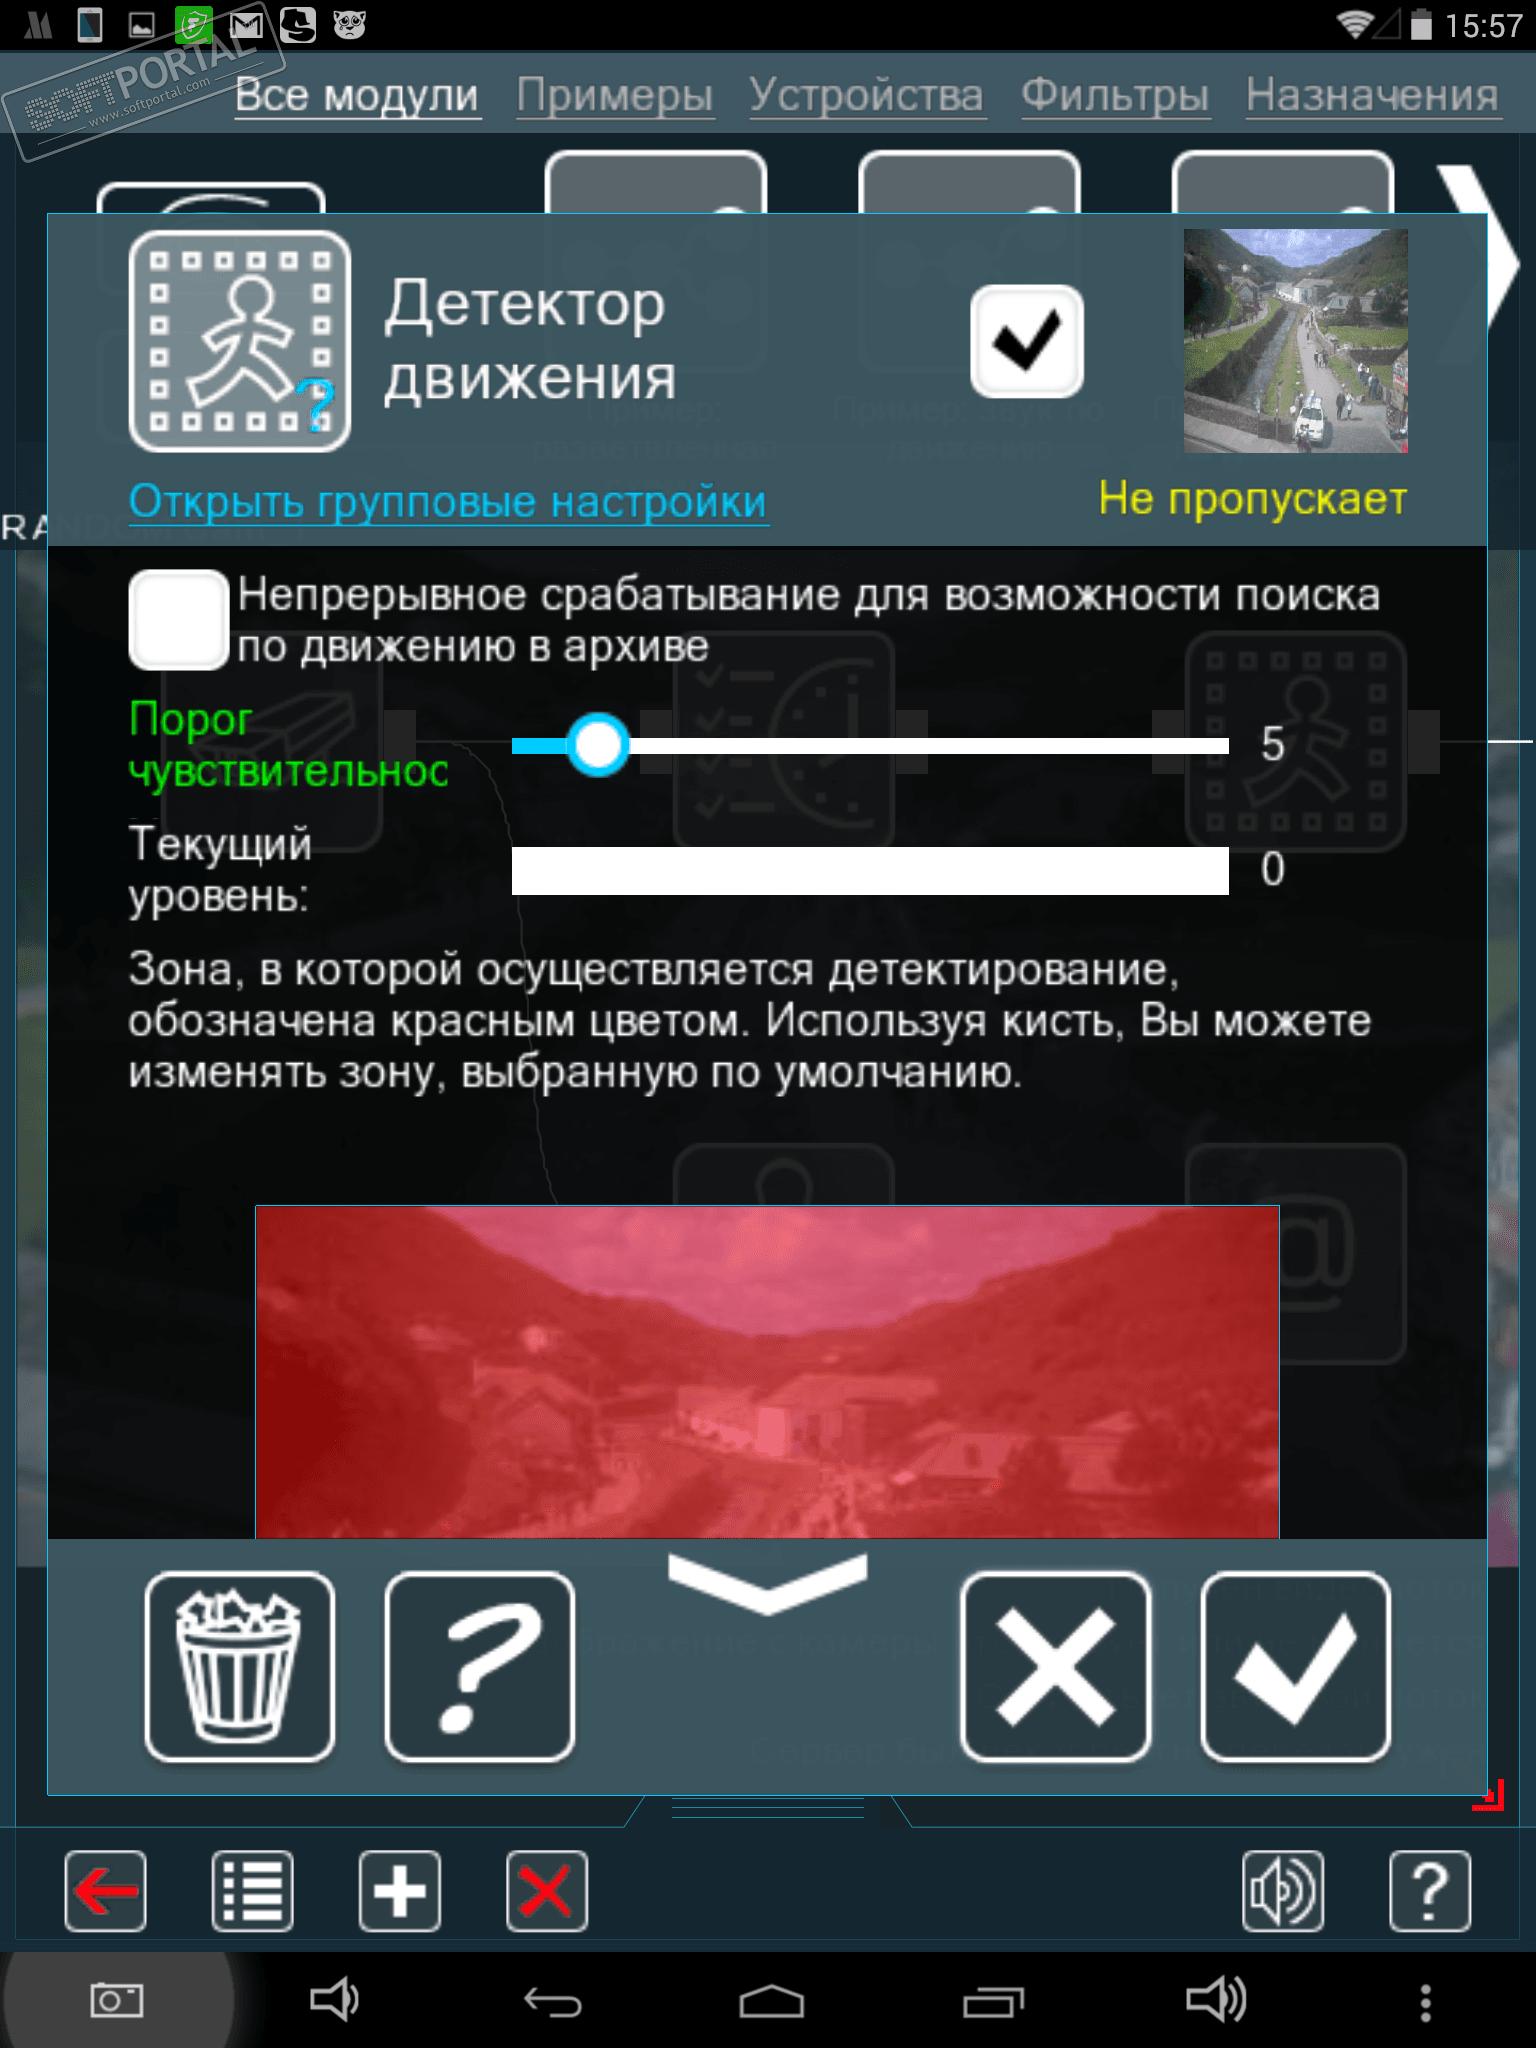 Xeoma - скачать бесплатно Xeoma 18 11 21 для Android